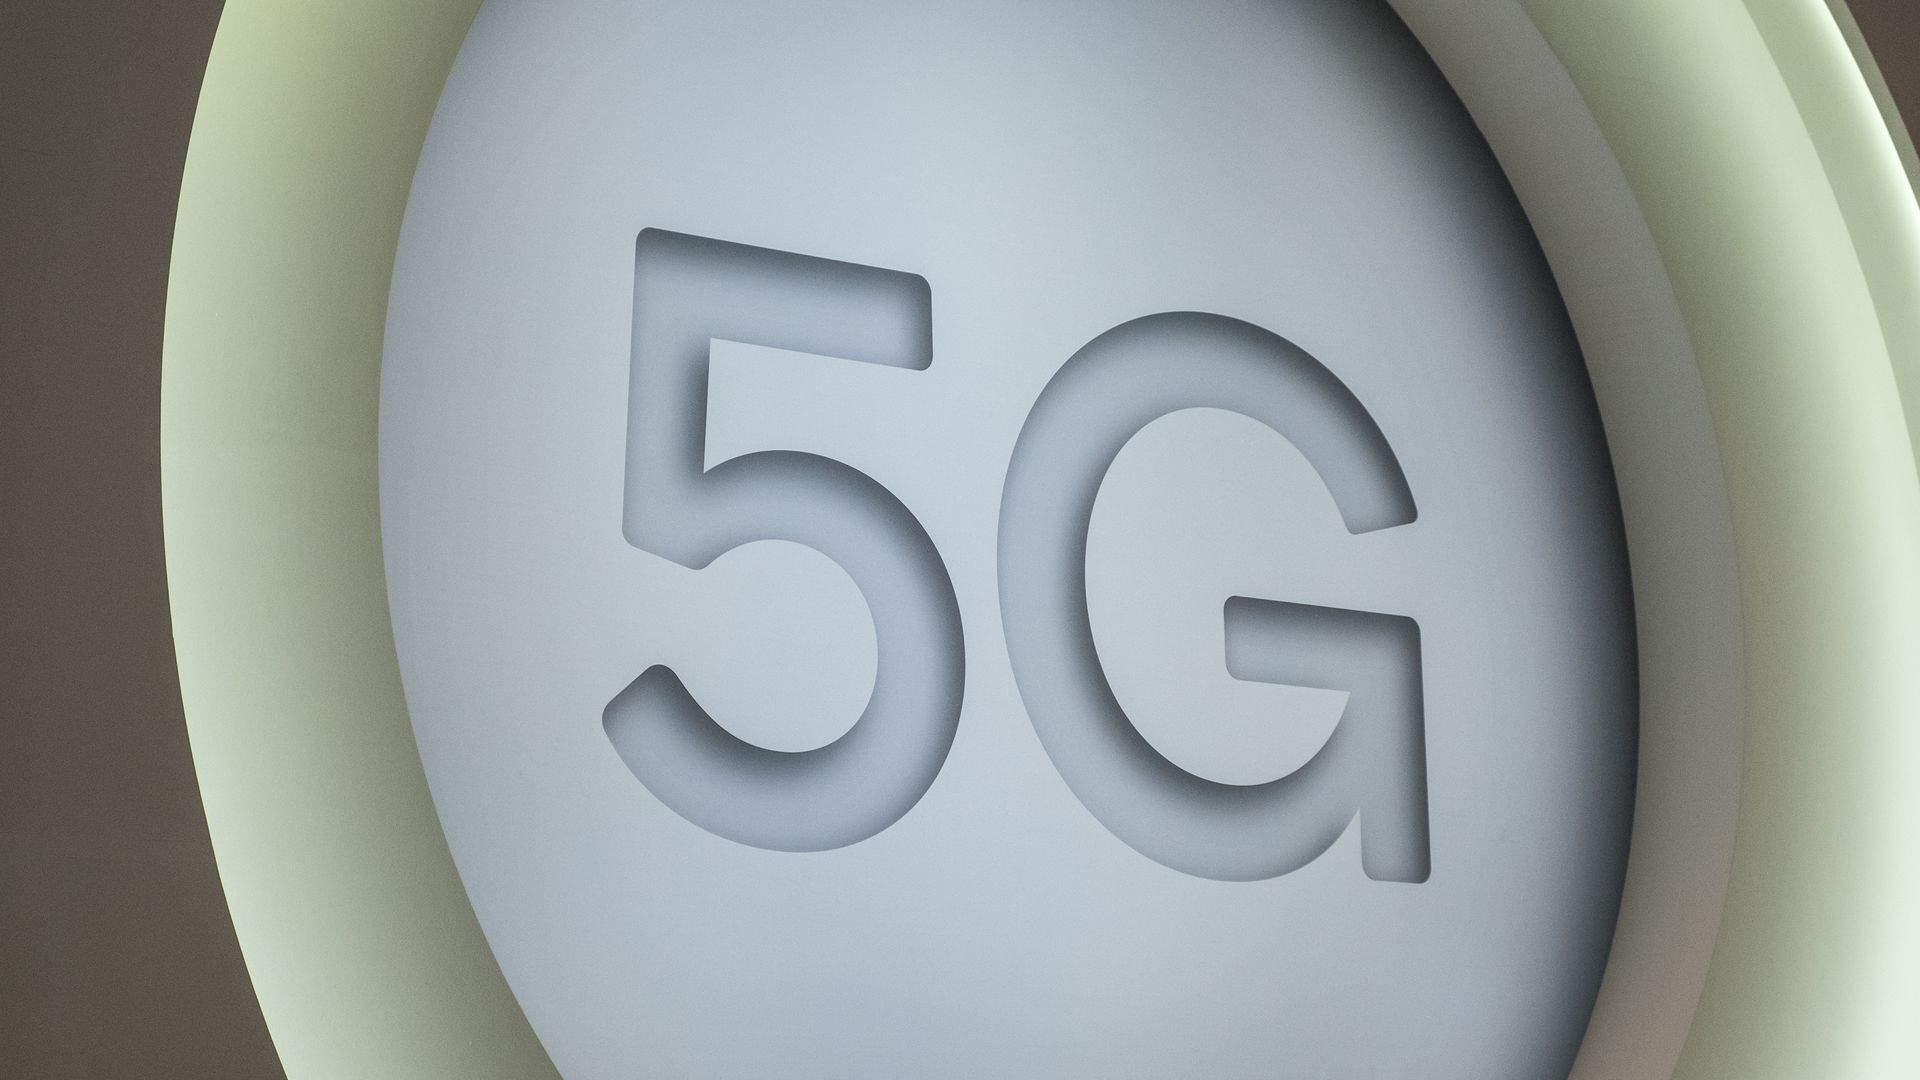 A large 5G logo